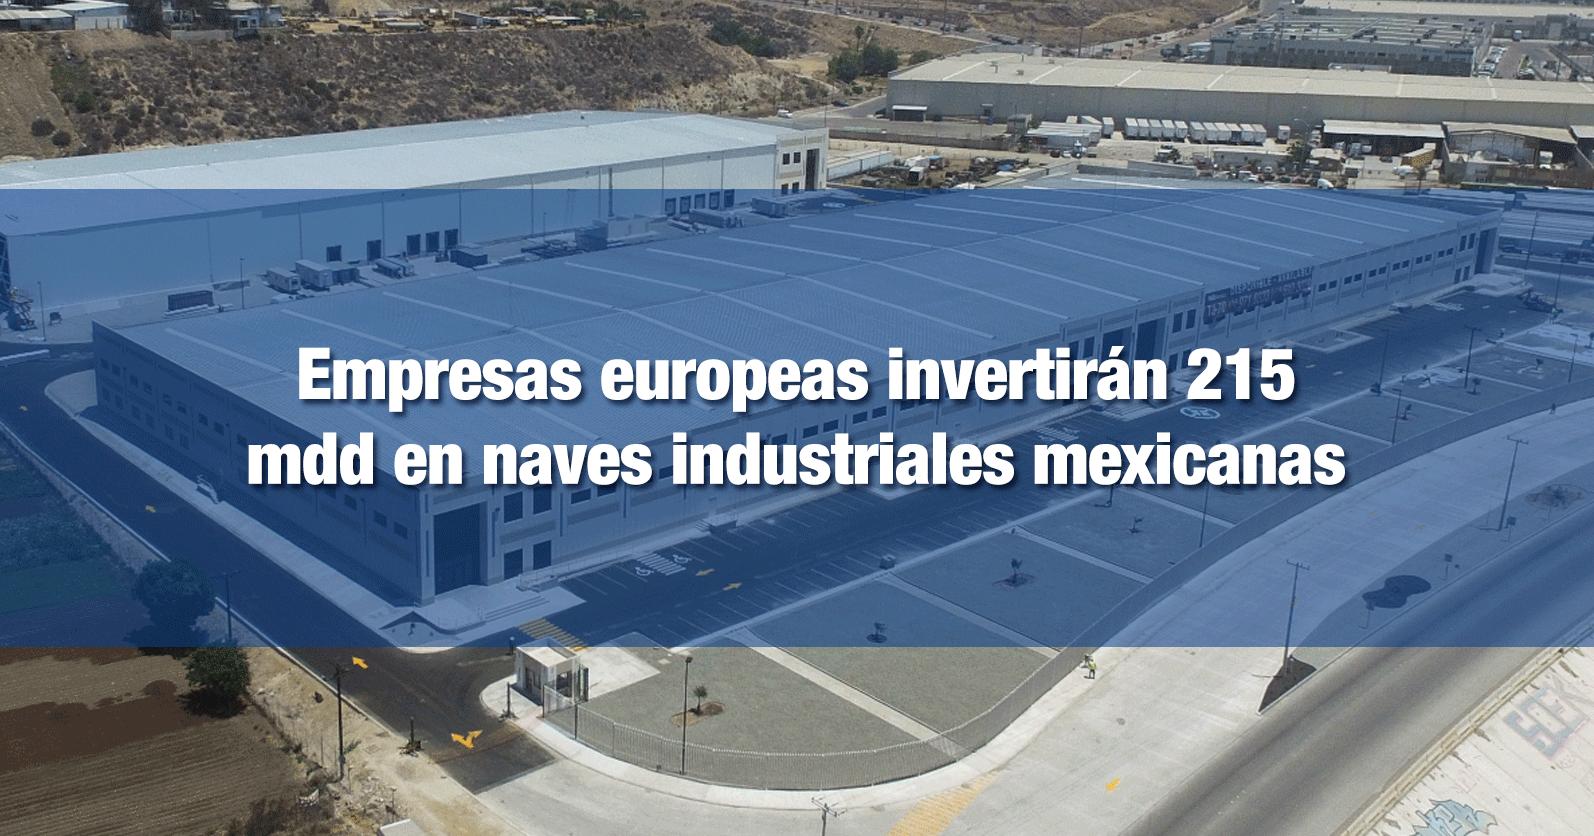 Empresas europeas invertirán 215 mdd en naves industriales mexicanas